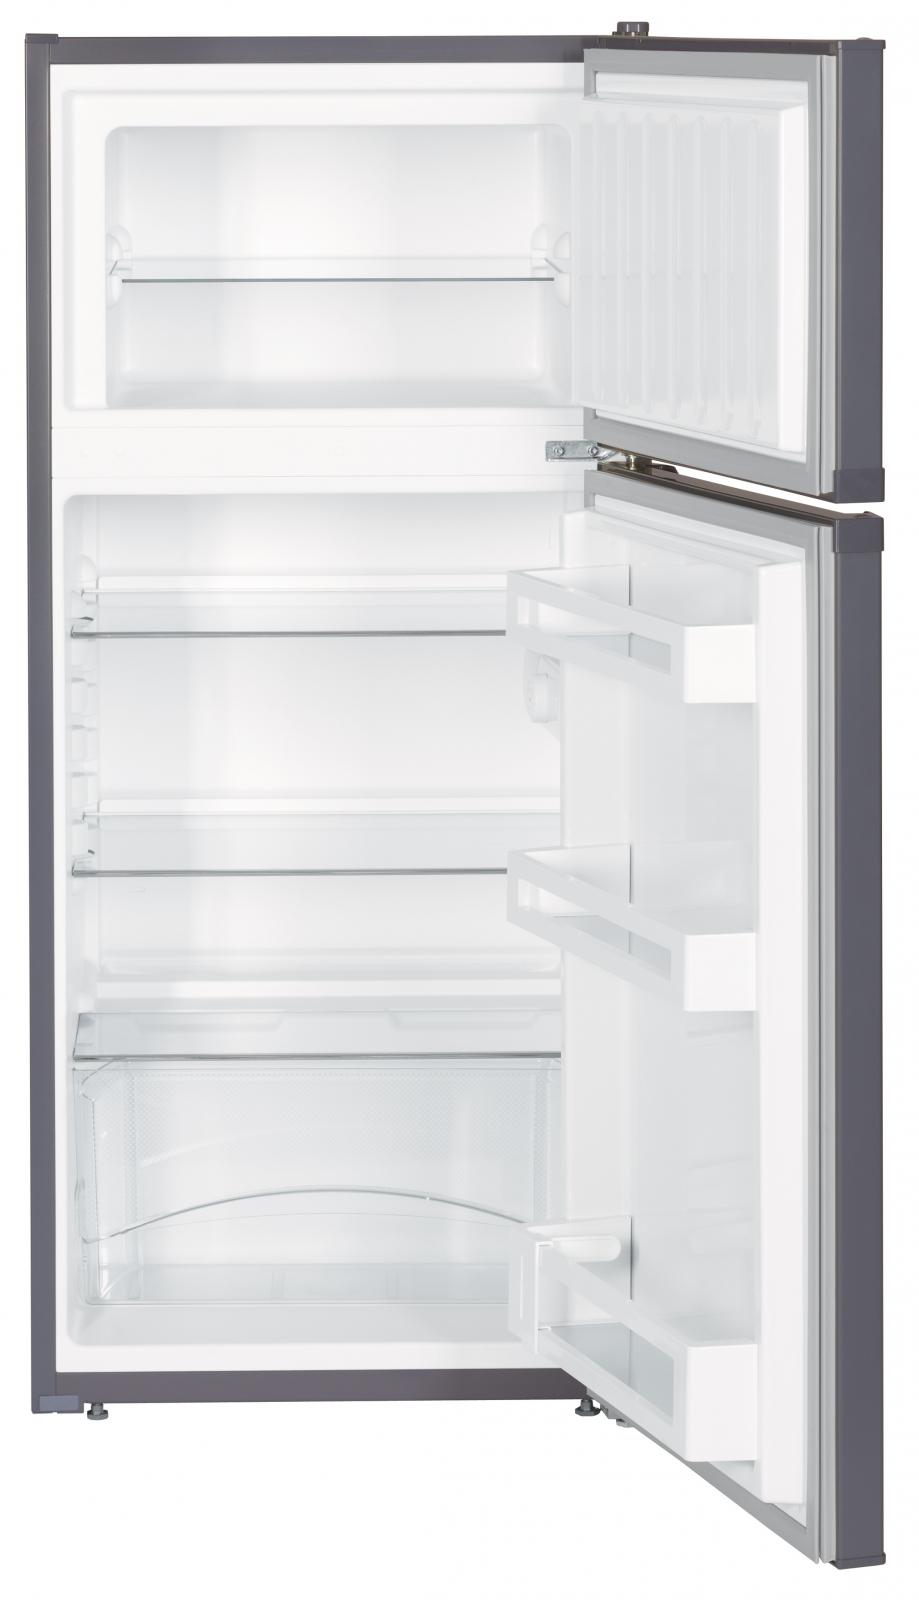 купить Двухкамерный холодильник Liebherr CTPwb 2121 Украина фото 3